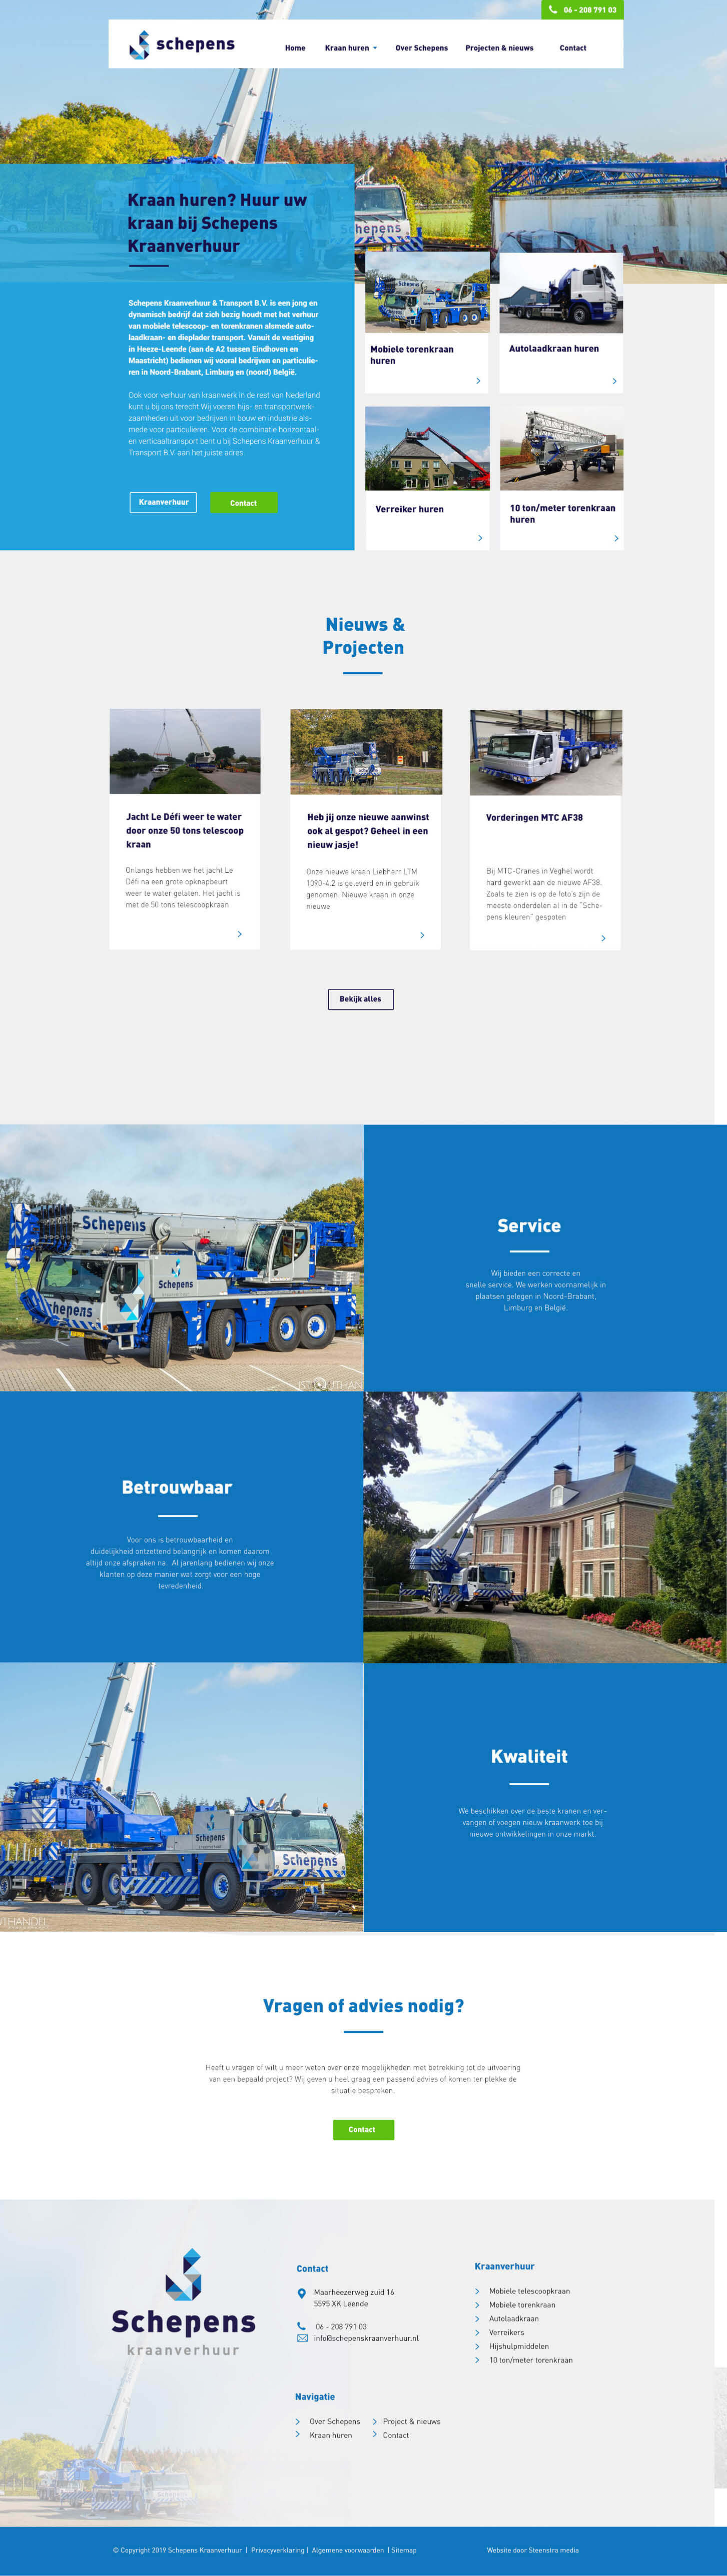 Schepens_Website_ontwerp_Steenstramedia